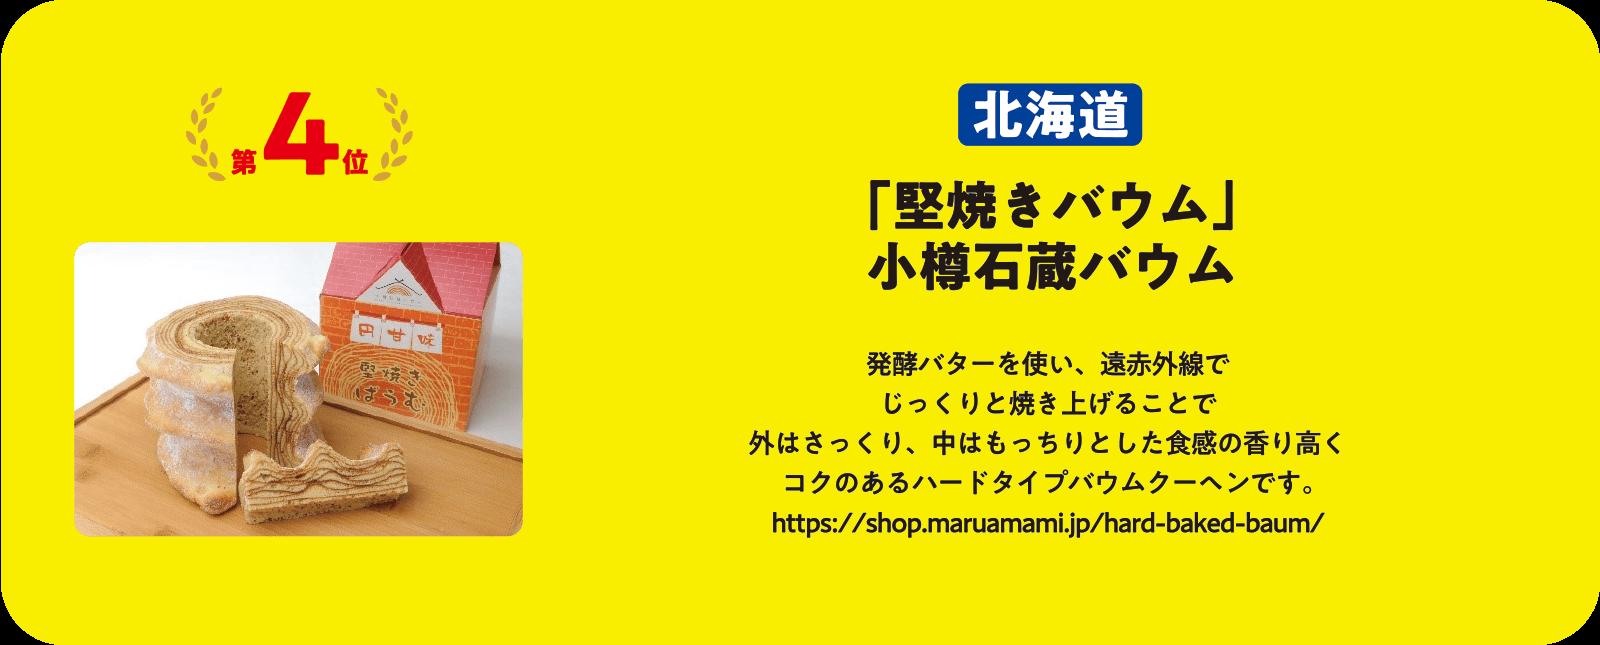 「堅焼きバウム」 小樽石蔵バウム